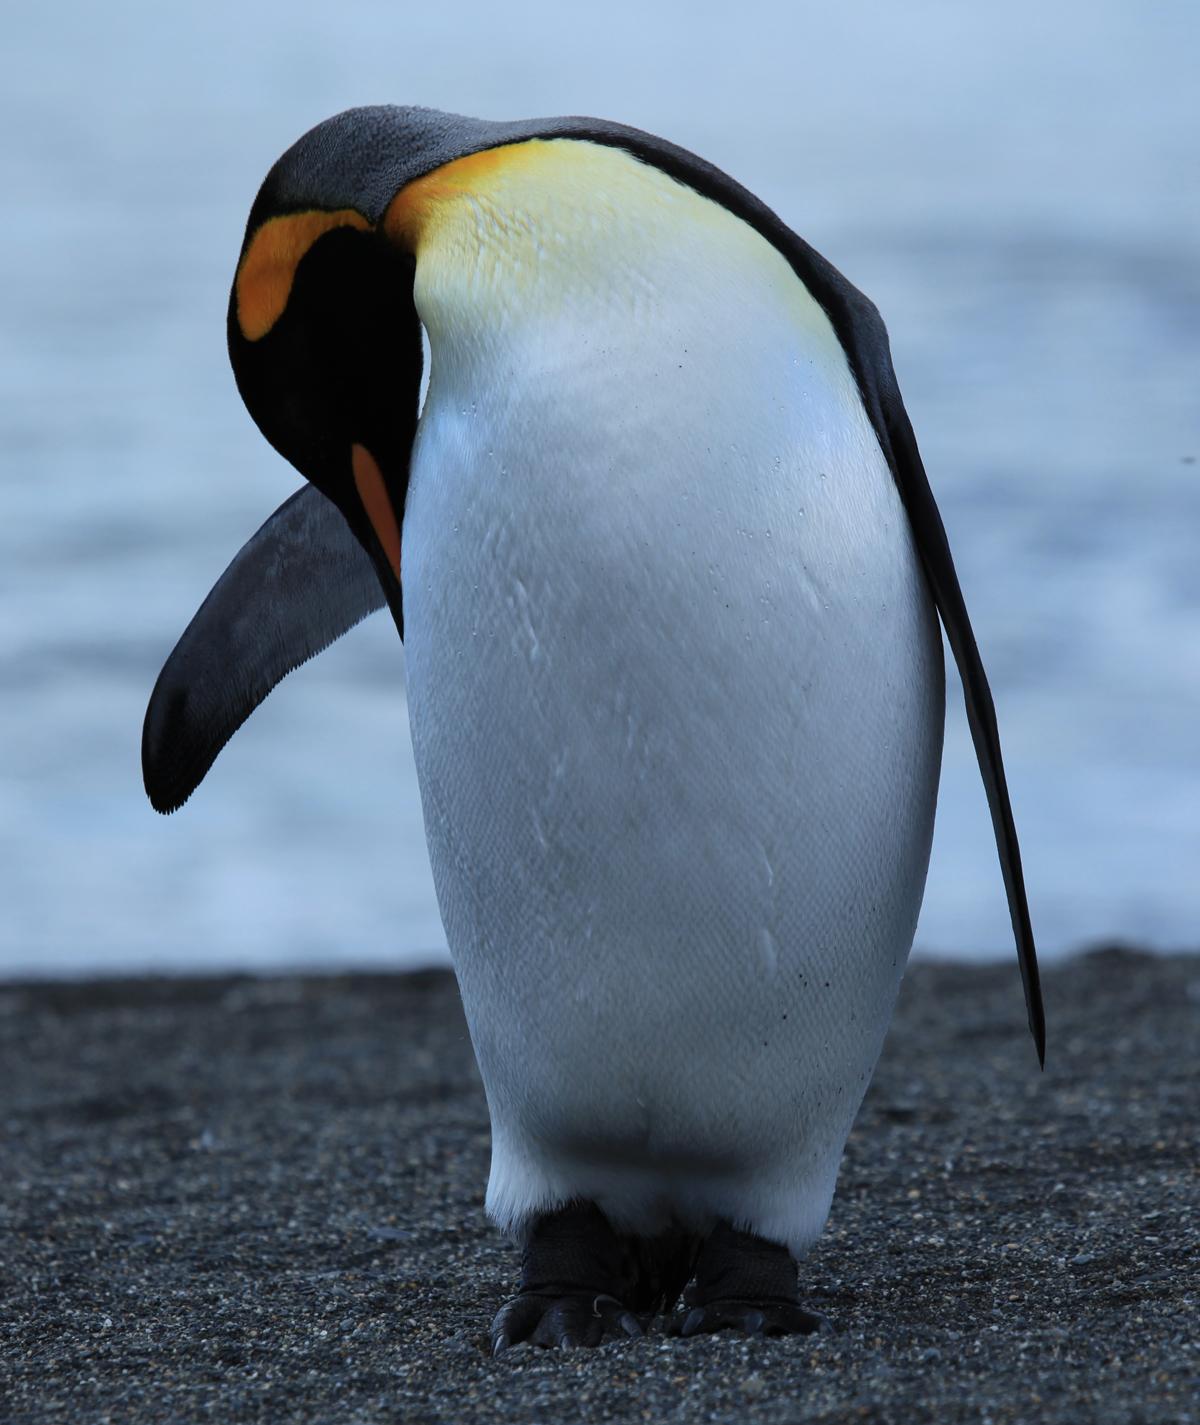 https://commons.wikimedia.org/wiki/File:King_Penguin_grooming_(5848678253).jpg